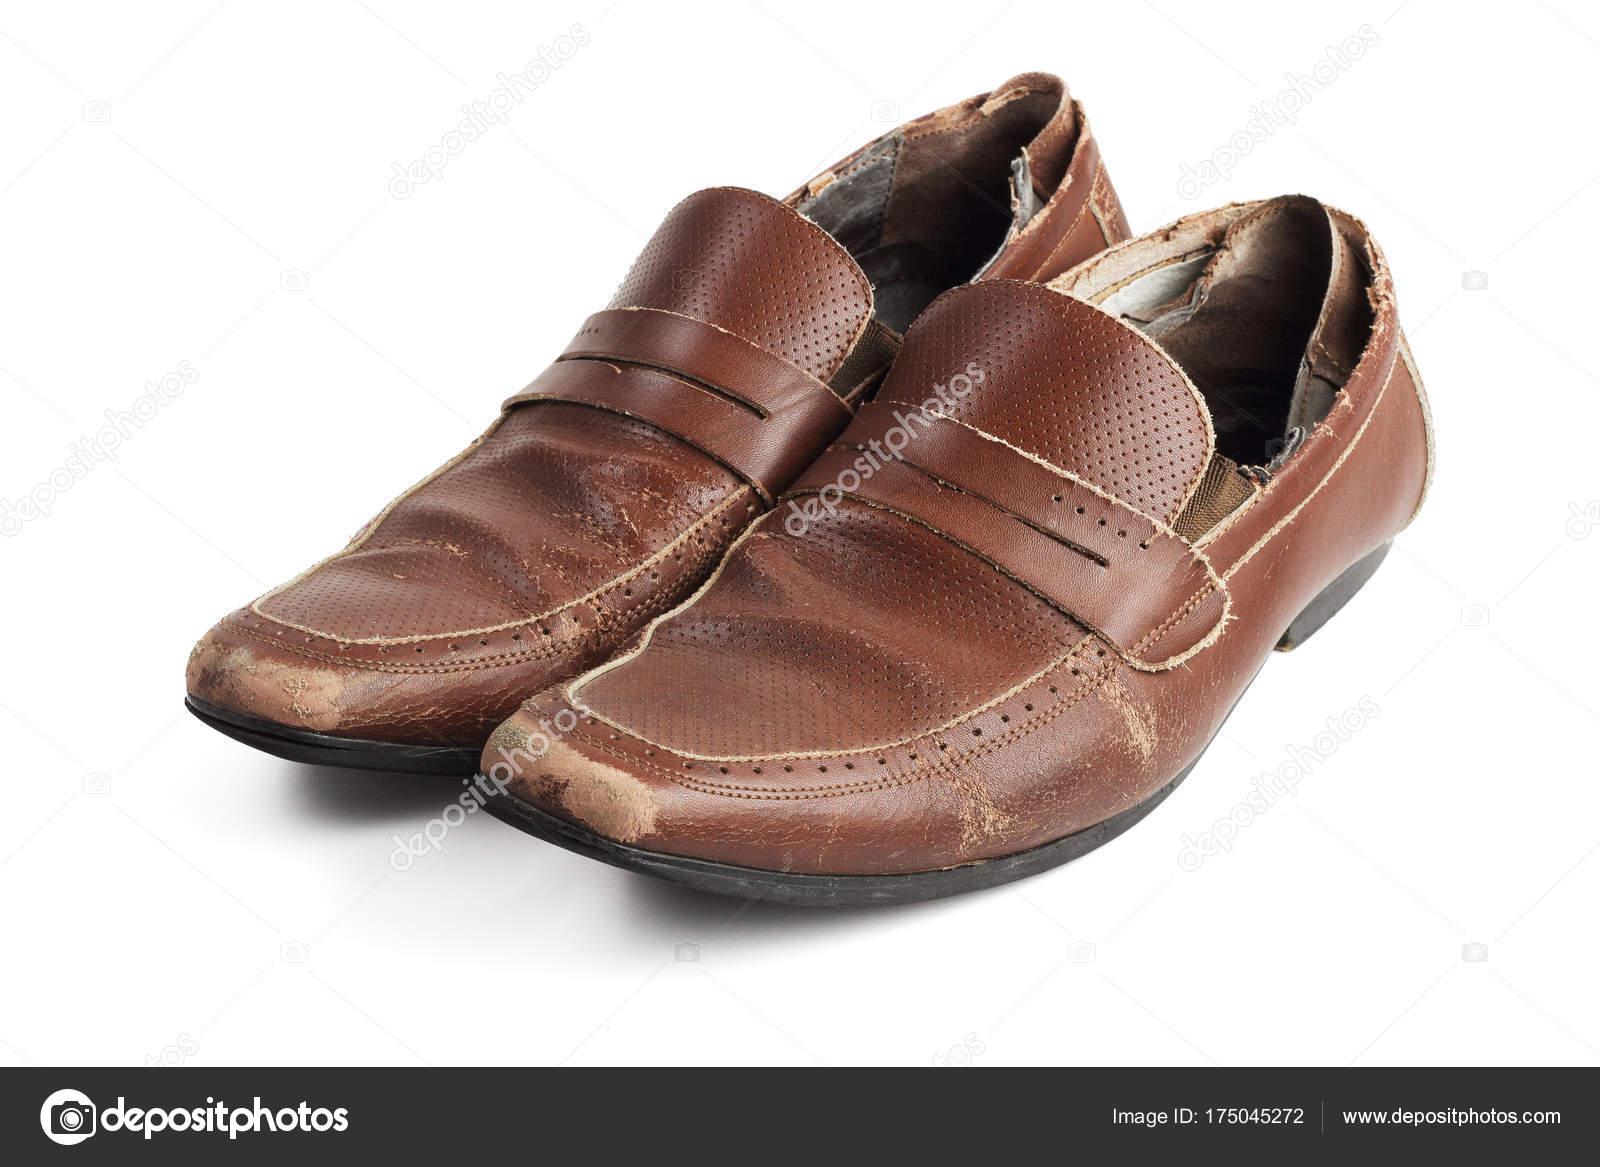 0438572ed2 Viejo par de zapatos de cuero marrón gastado y usado sobre fondo blanco —  Foto de ...